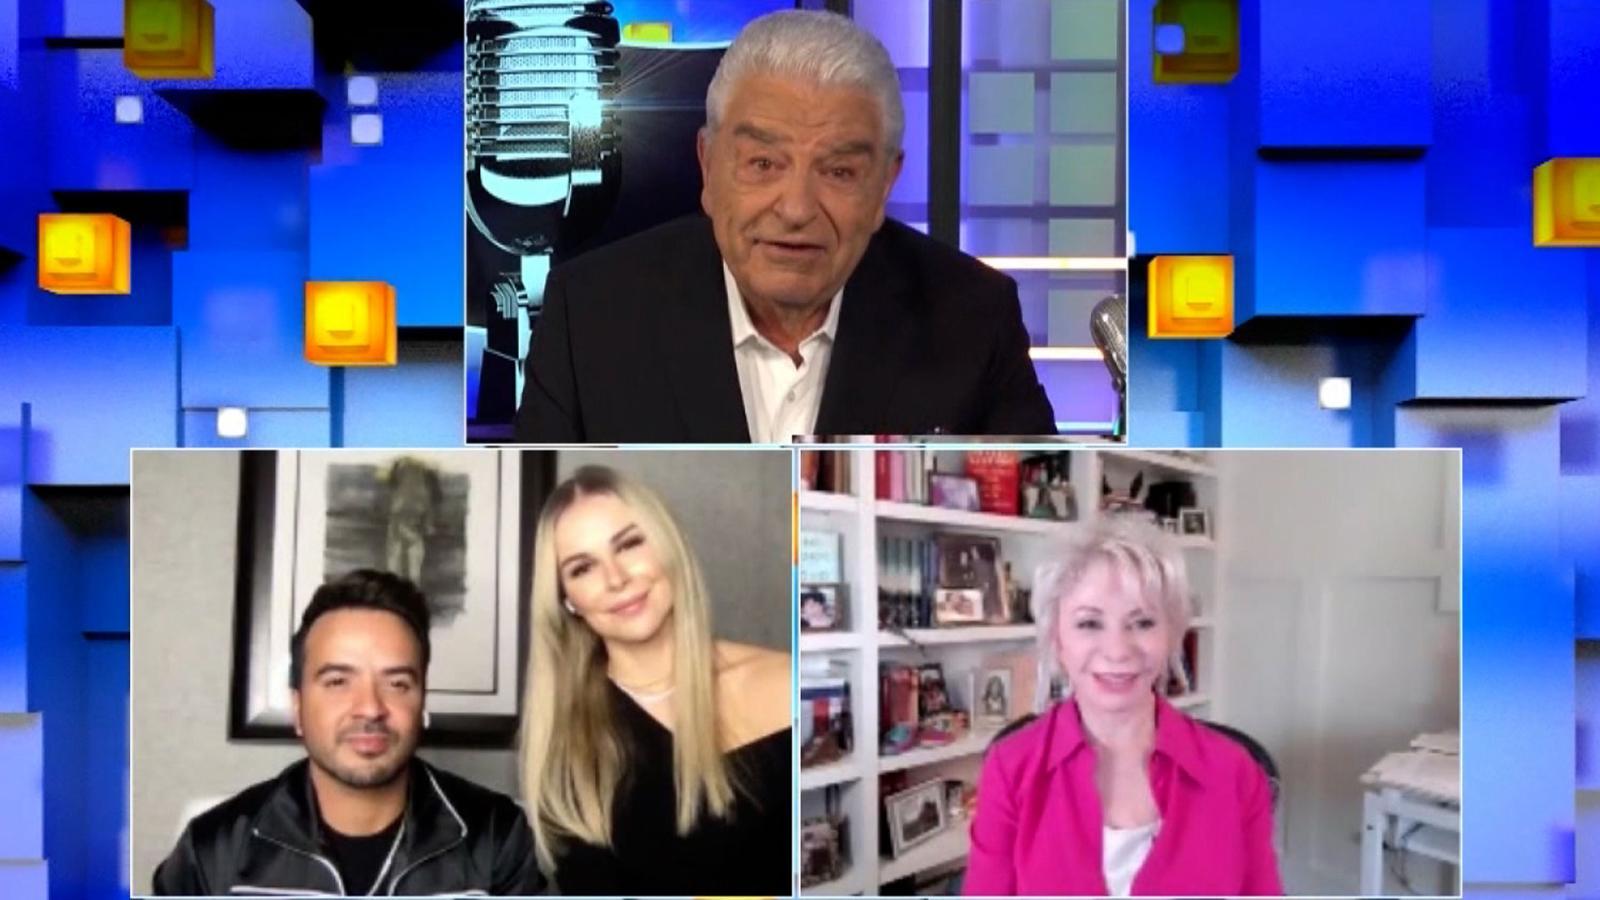 Una charla sobre el amor con Luis Fonsi, Águeda López e Isabel Allende: mira la entrevista completa con Don Francisco | Video | CNN